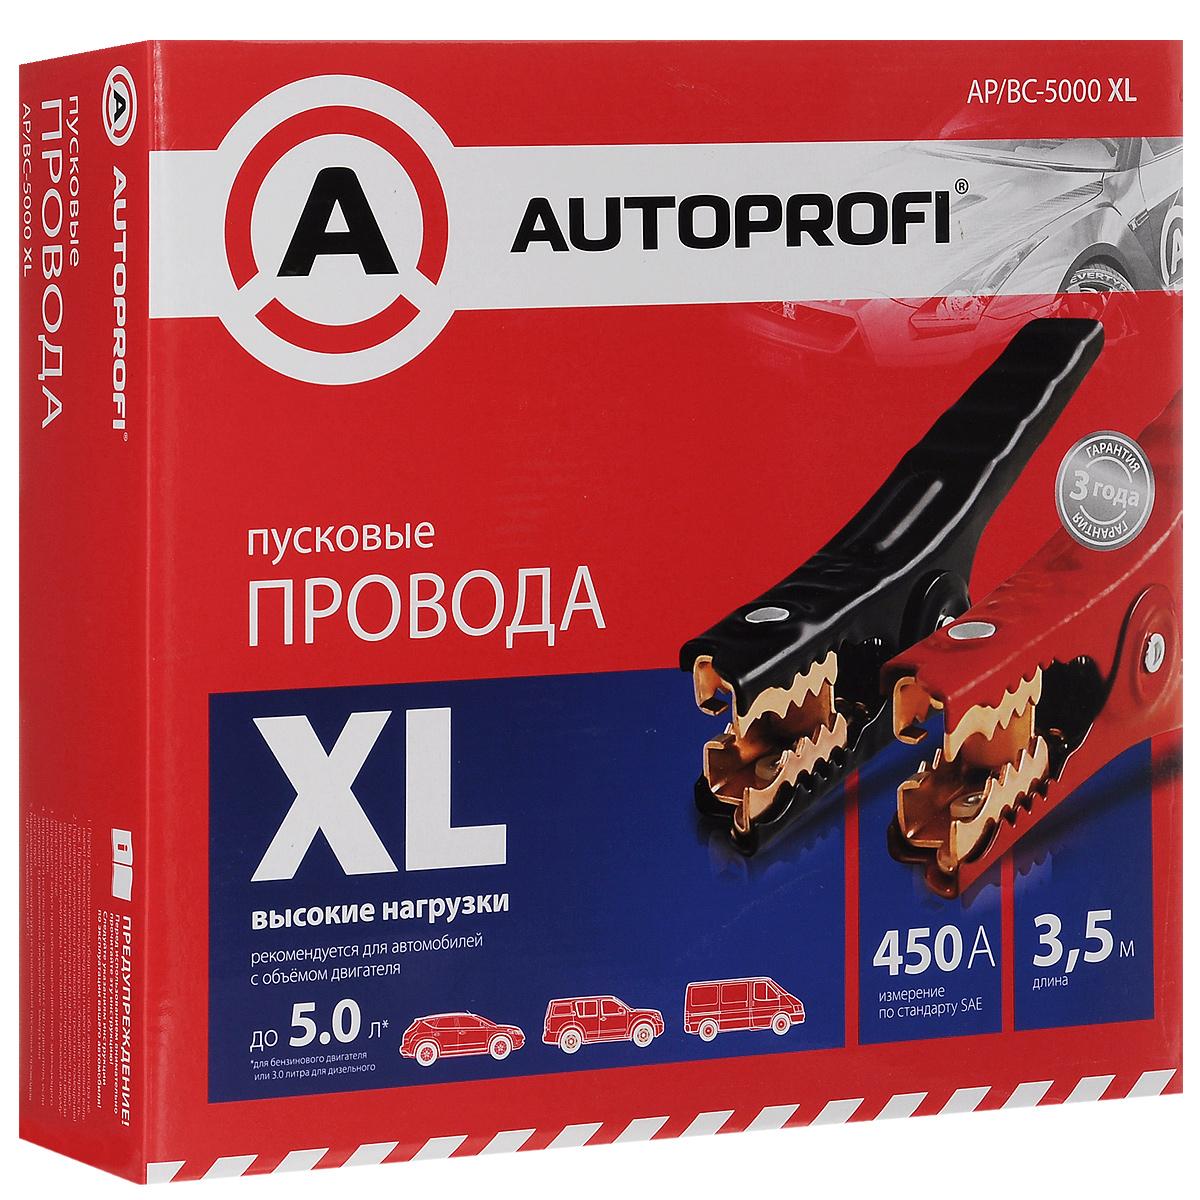 Провода пусковые Autoprofi XL, высокие нагрузки, 21,15 мм2, 450 A, 3,5 м провода пусковые autoprofi 4 65 мм 125a sae 2 2 м